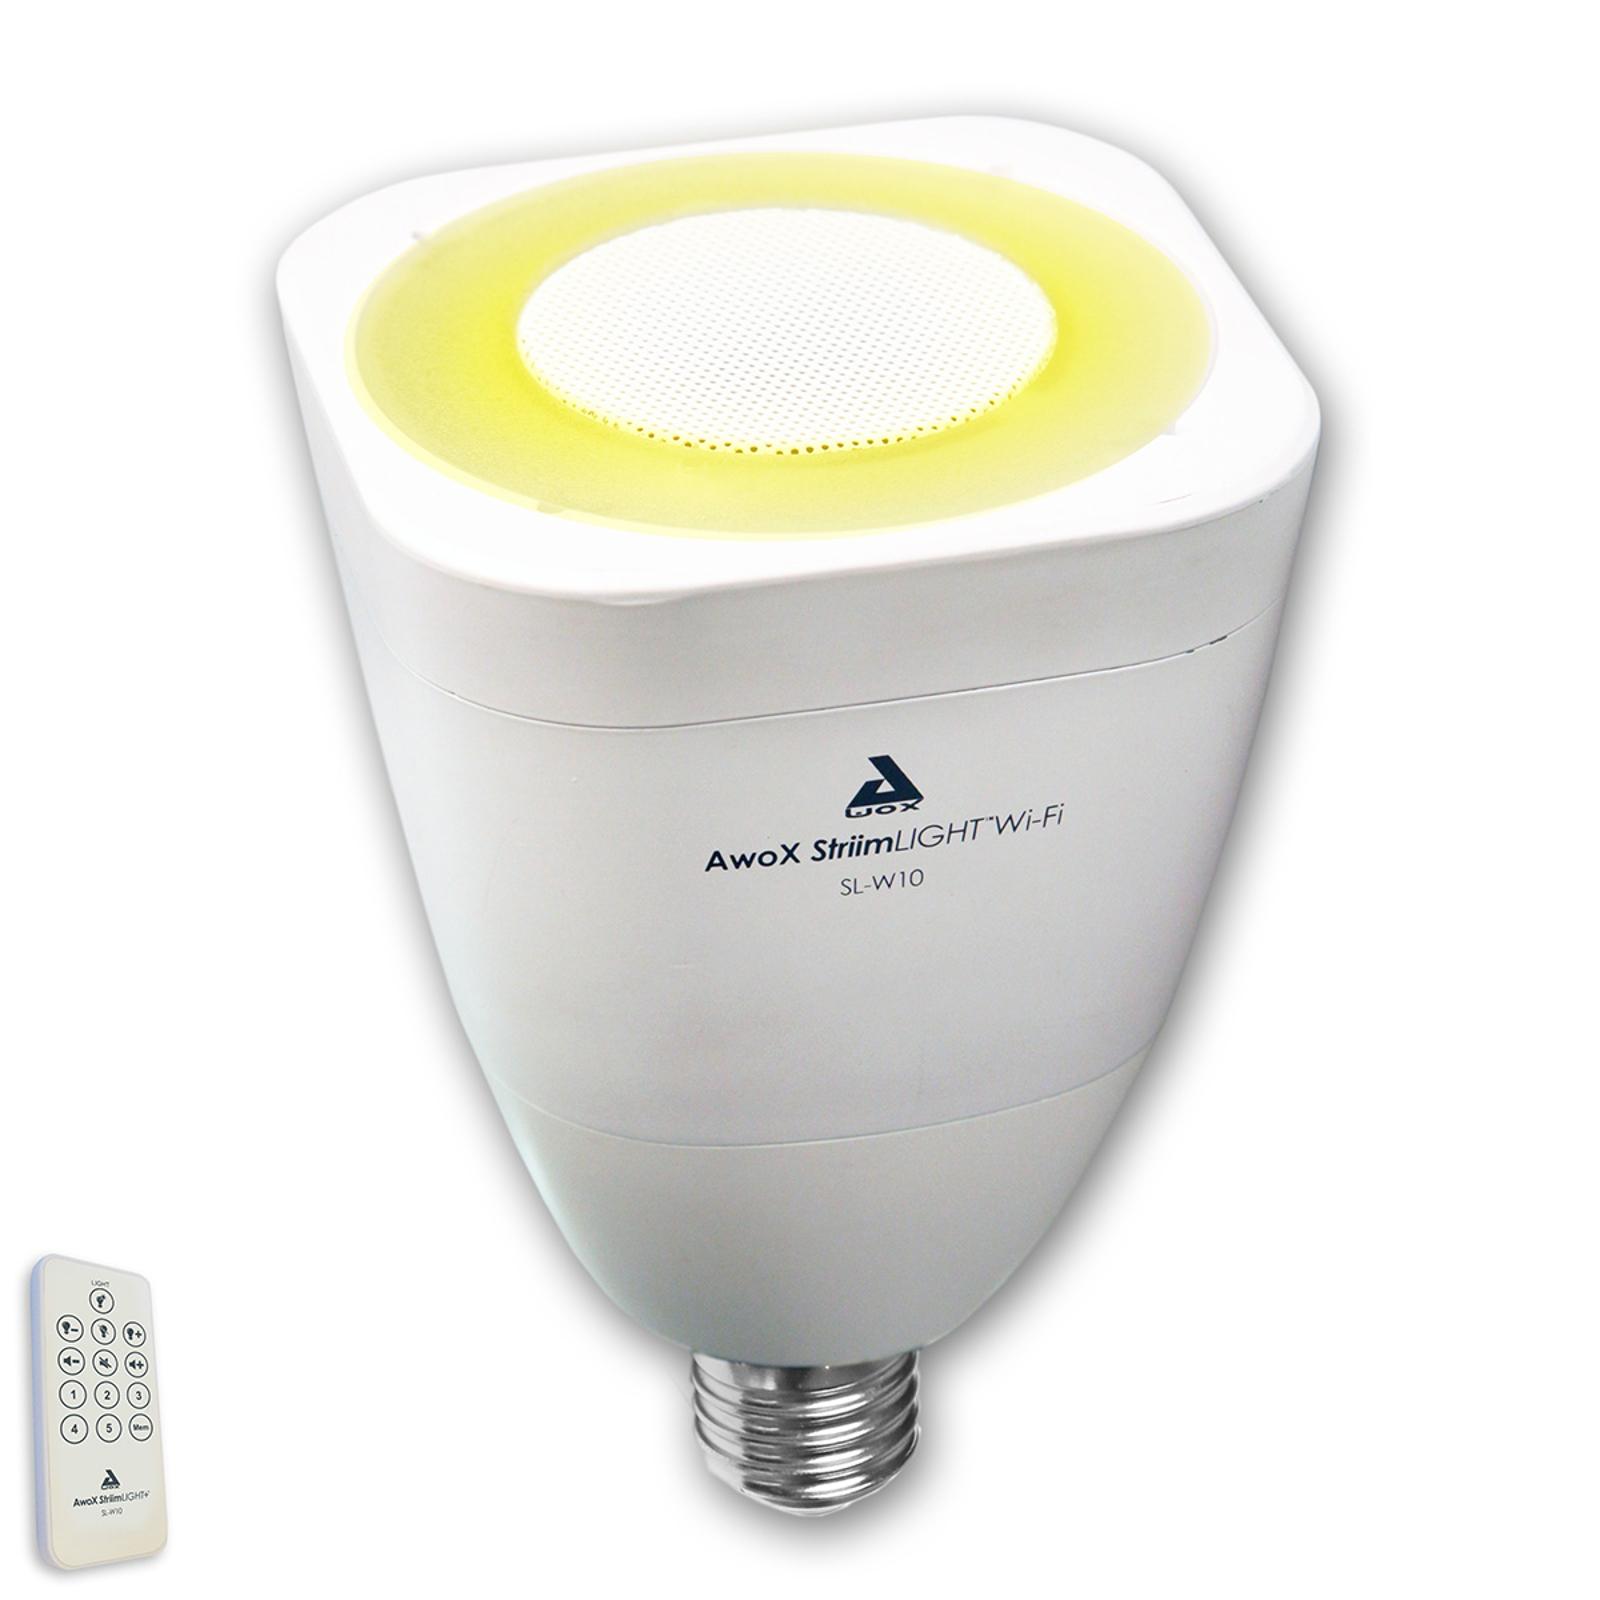 AwoX StriimLIGHT WiFi-White żarówka LED E27, 7 W